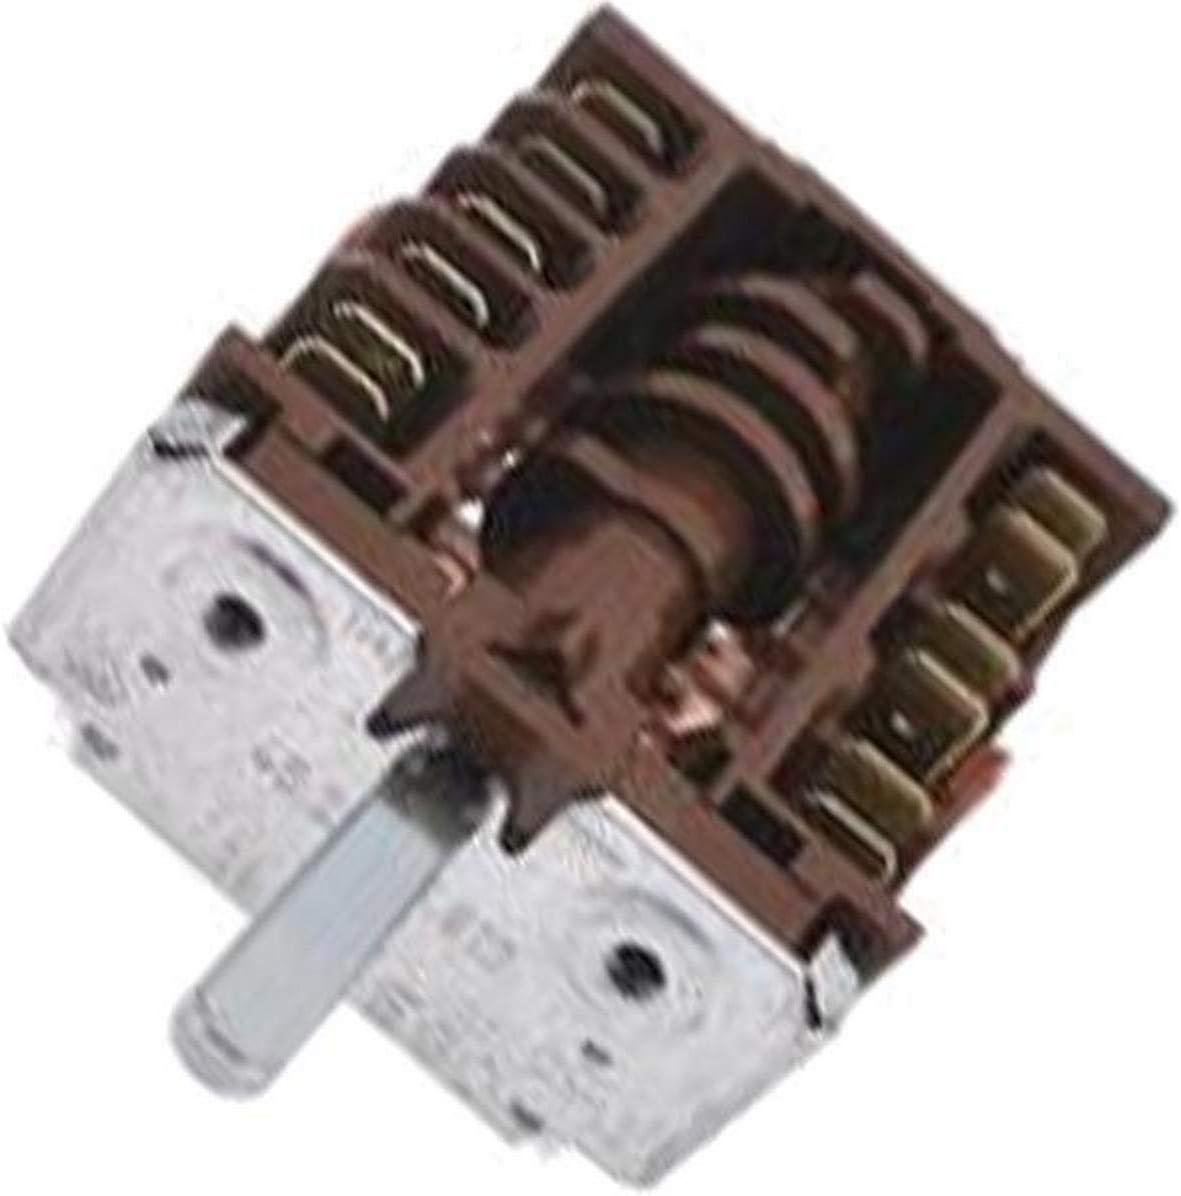 Interruptor Placa eléctrico 6 + 0 Positi referencia ...